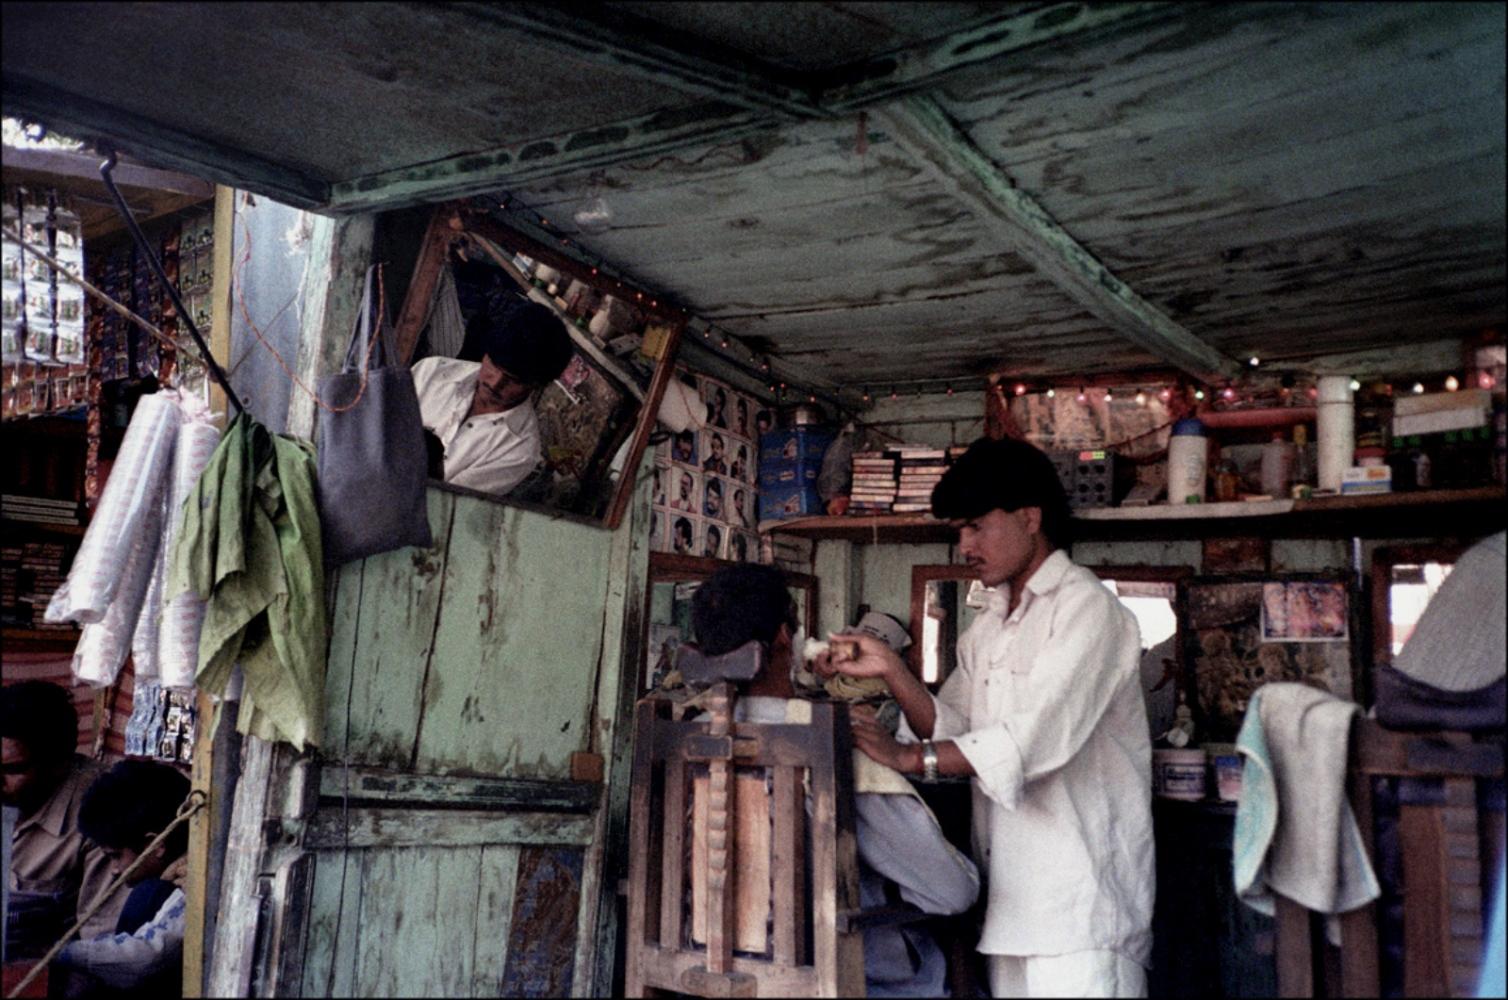 Barbershop, Pushkar, India, November 2003